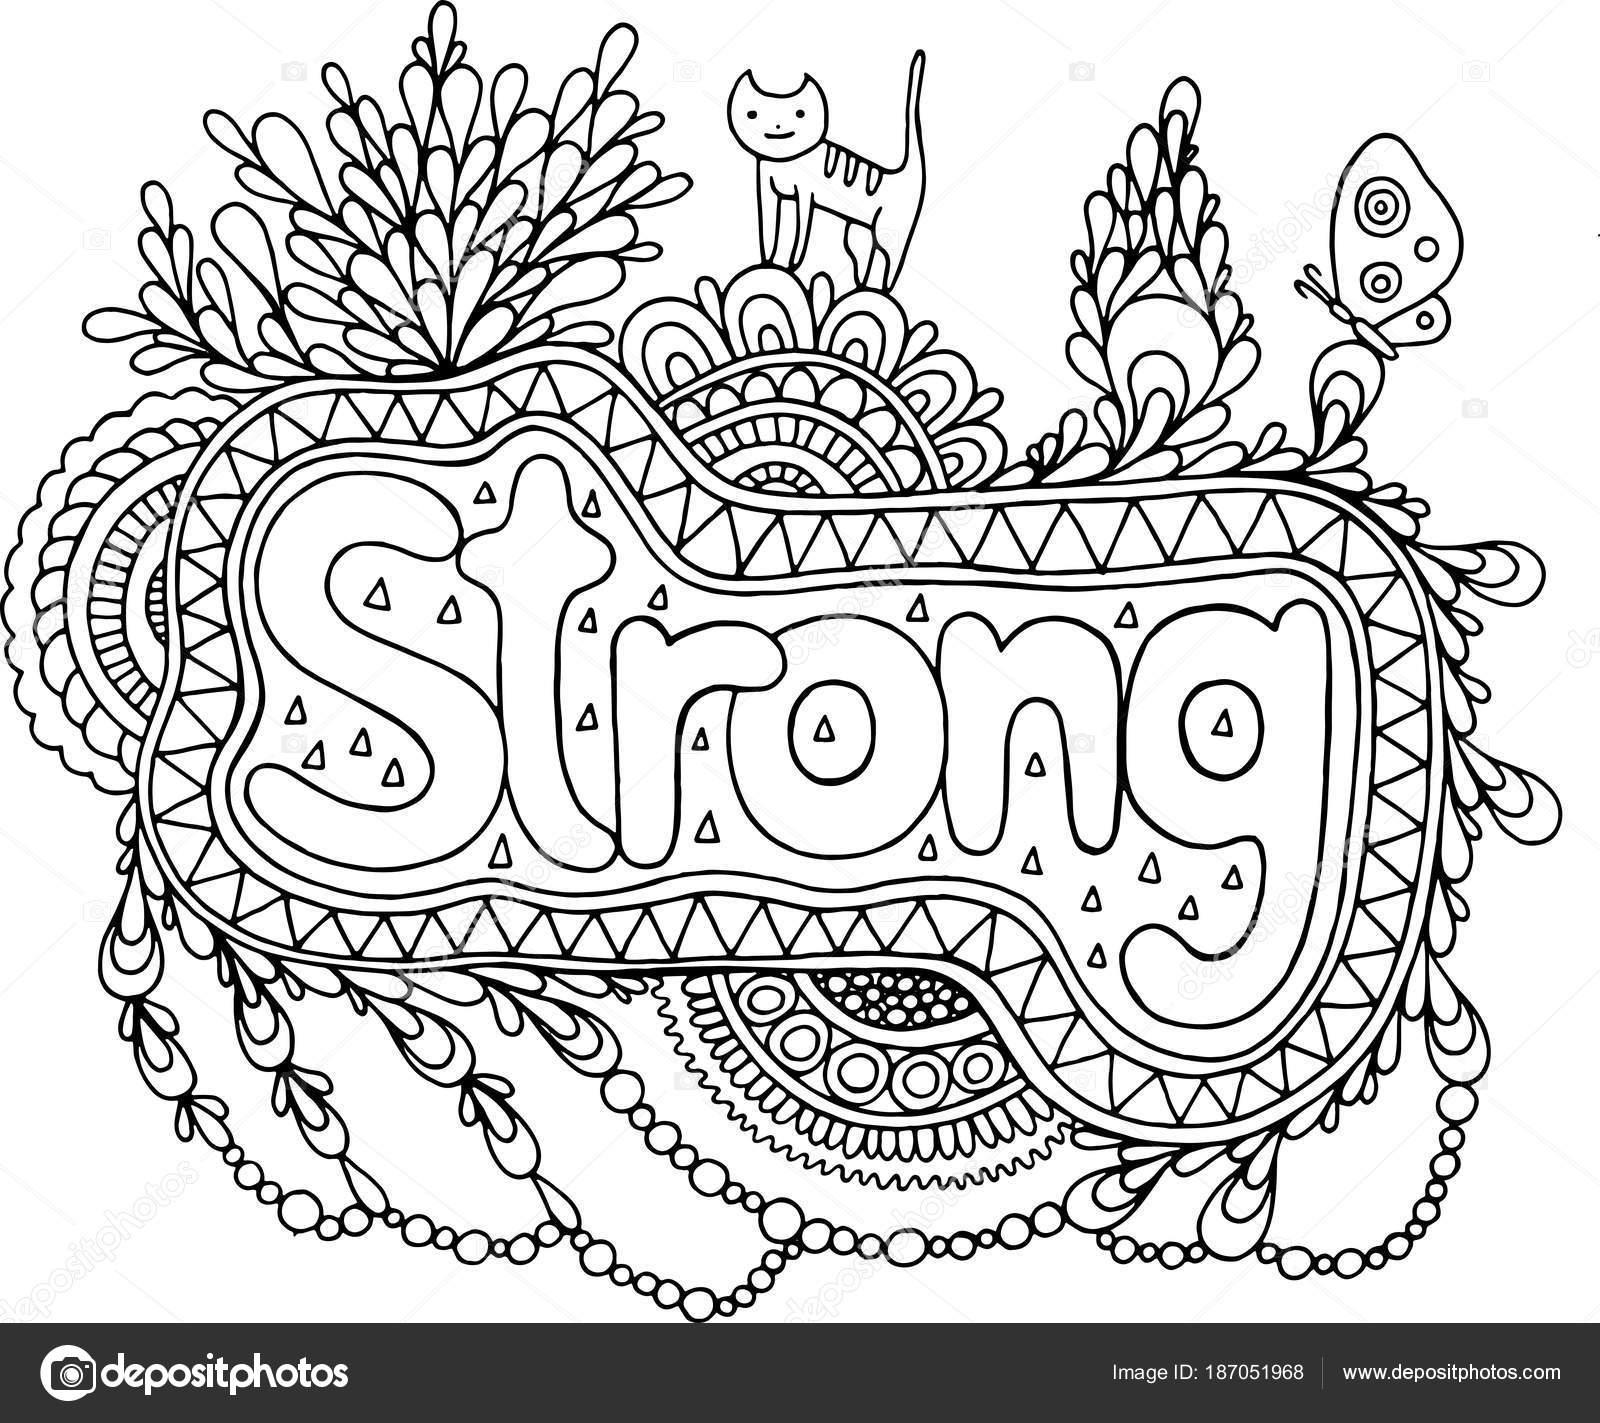 Kleurplaten Voor Volwassenen Met Tekst.Kleurplaat Voor Volwassenen Met Mandala En Sterk Woord Doodle Le